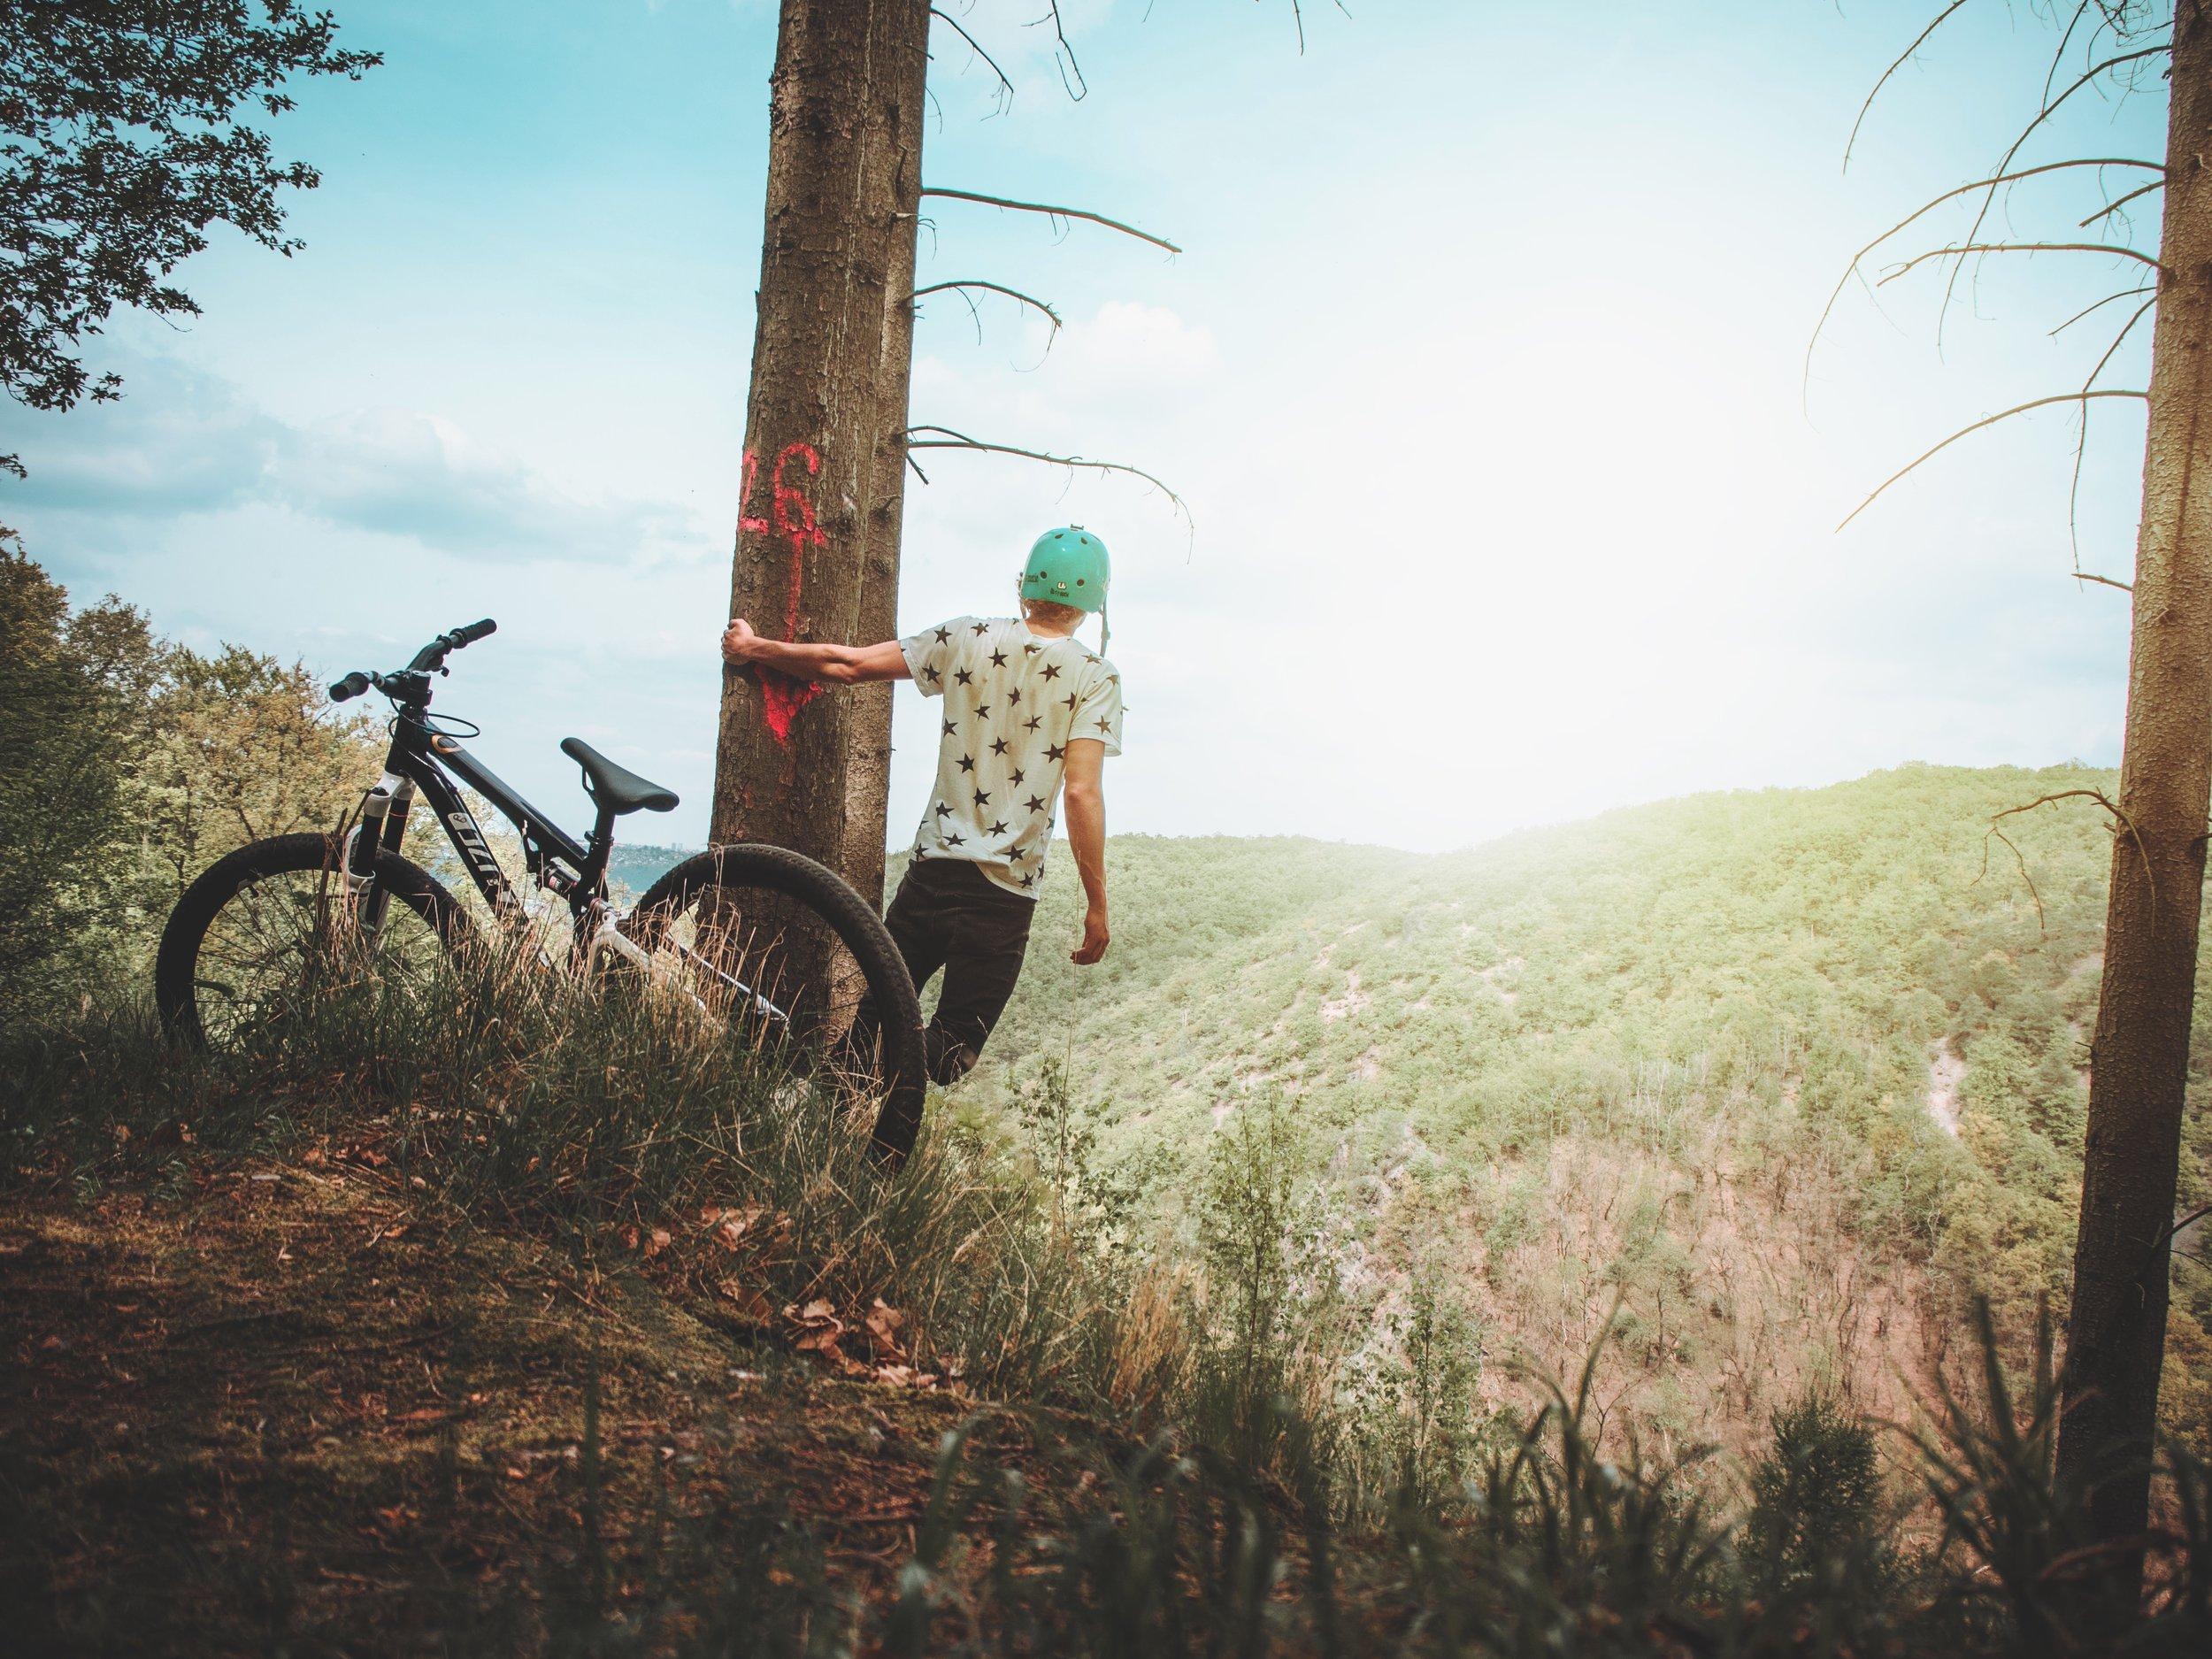 RUTAS BTT - Te ofrecemos para descubrir los paisajes de nuestra comarca. ¡Esperamos que os gusten!.